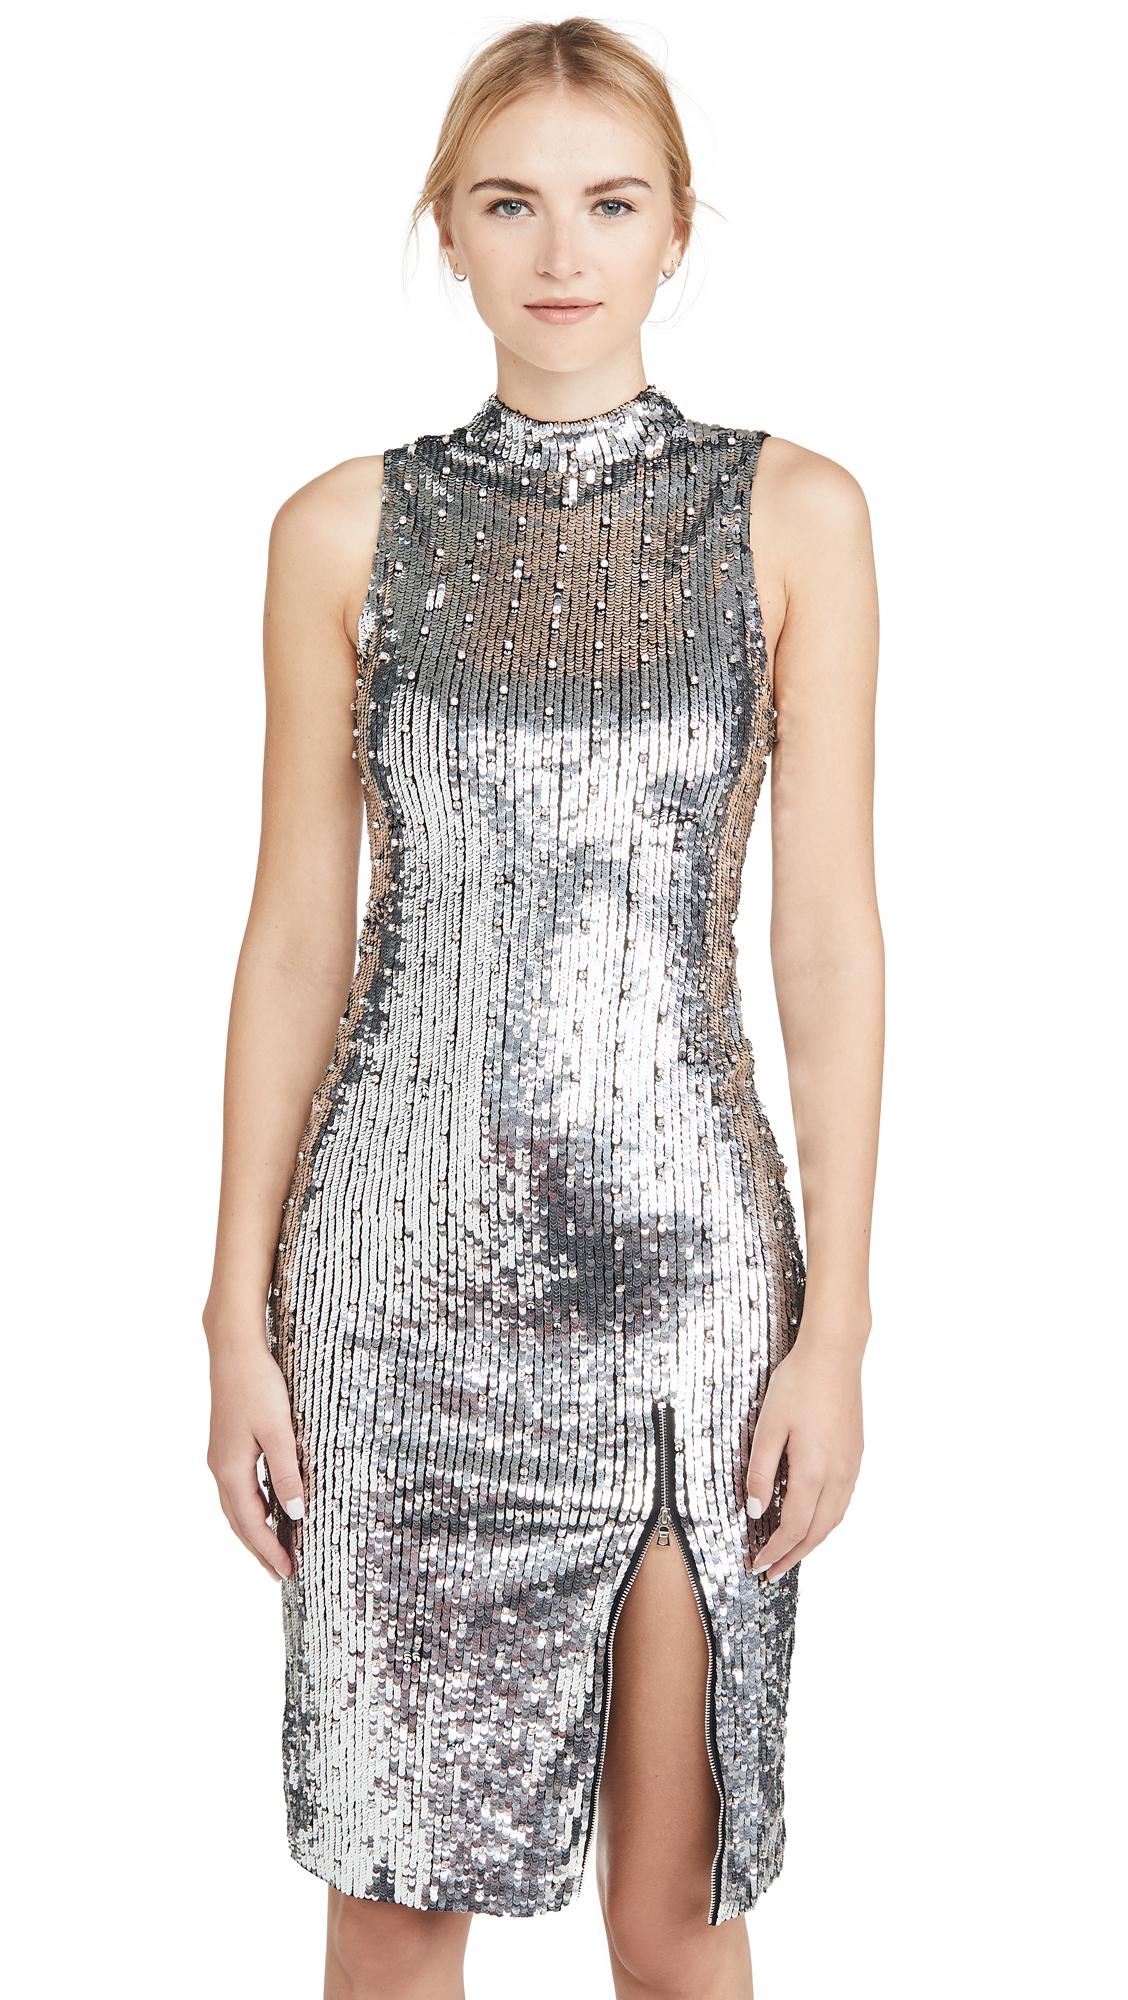 alice + olivia Malika Sequin Embellished Sleeveless Dress - 40% Off Sale